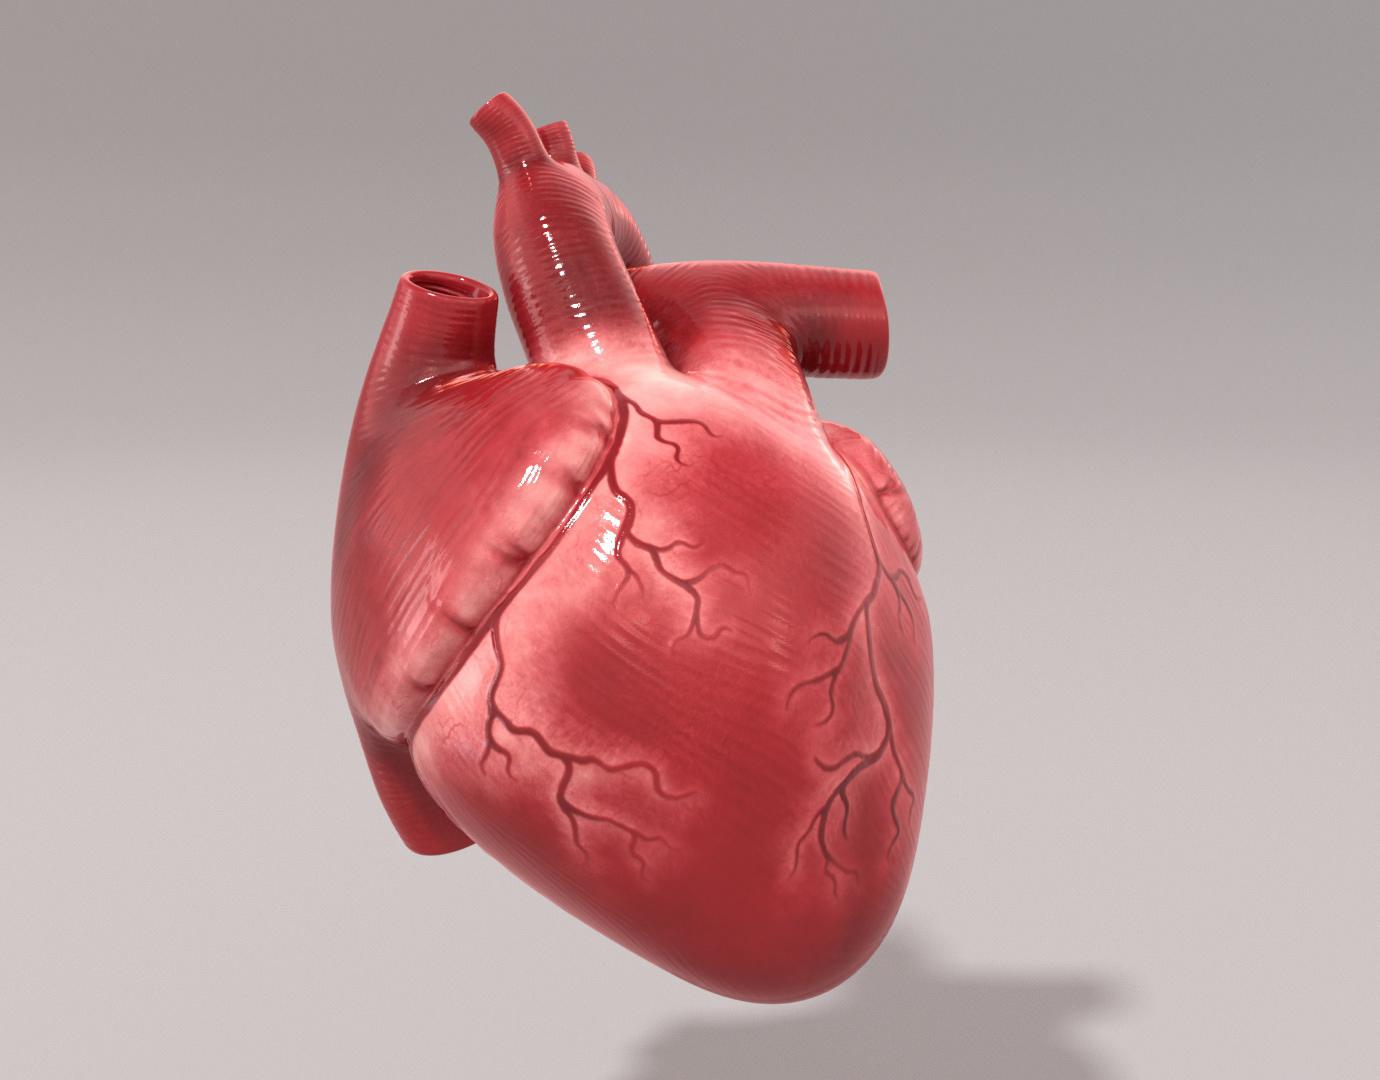 Сердце человеческая картинка